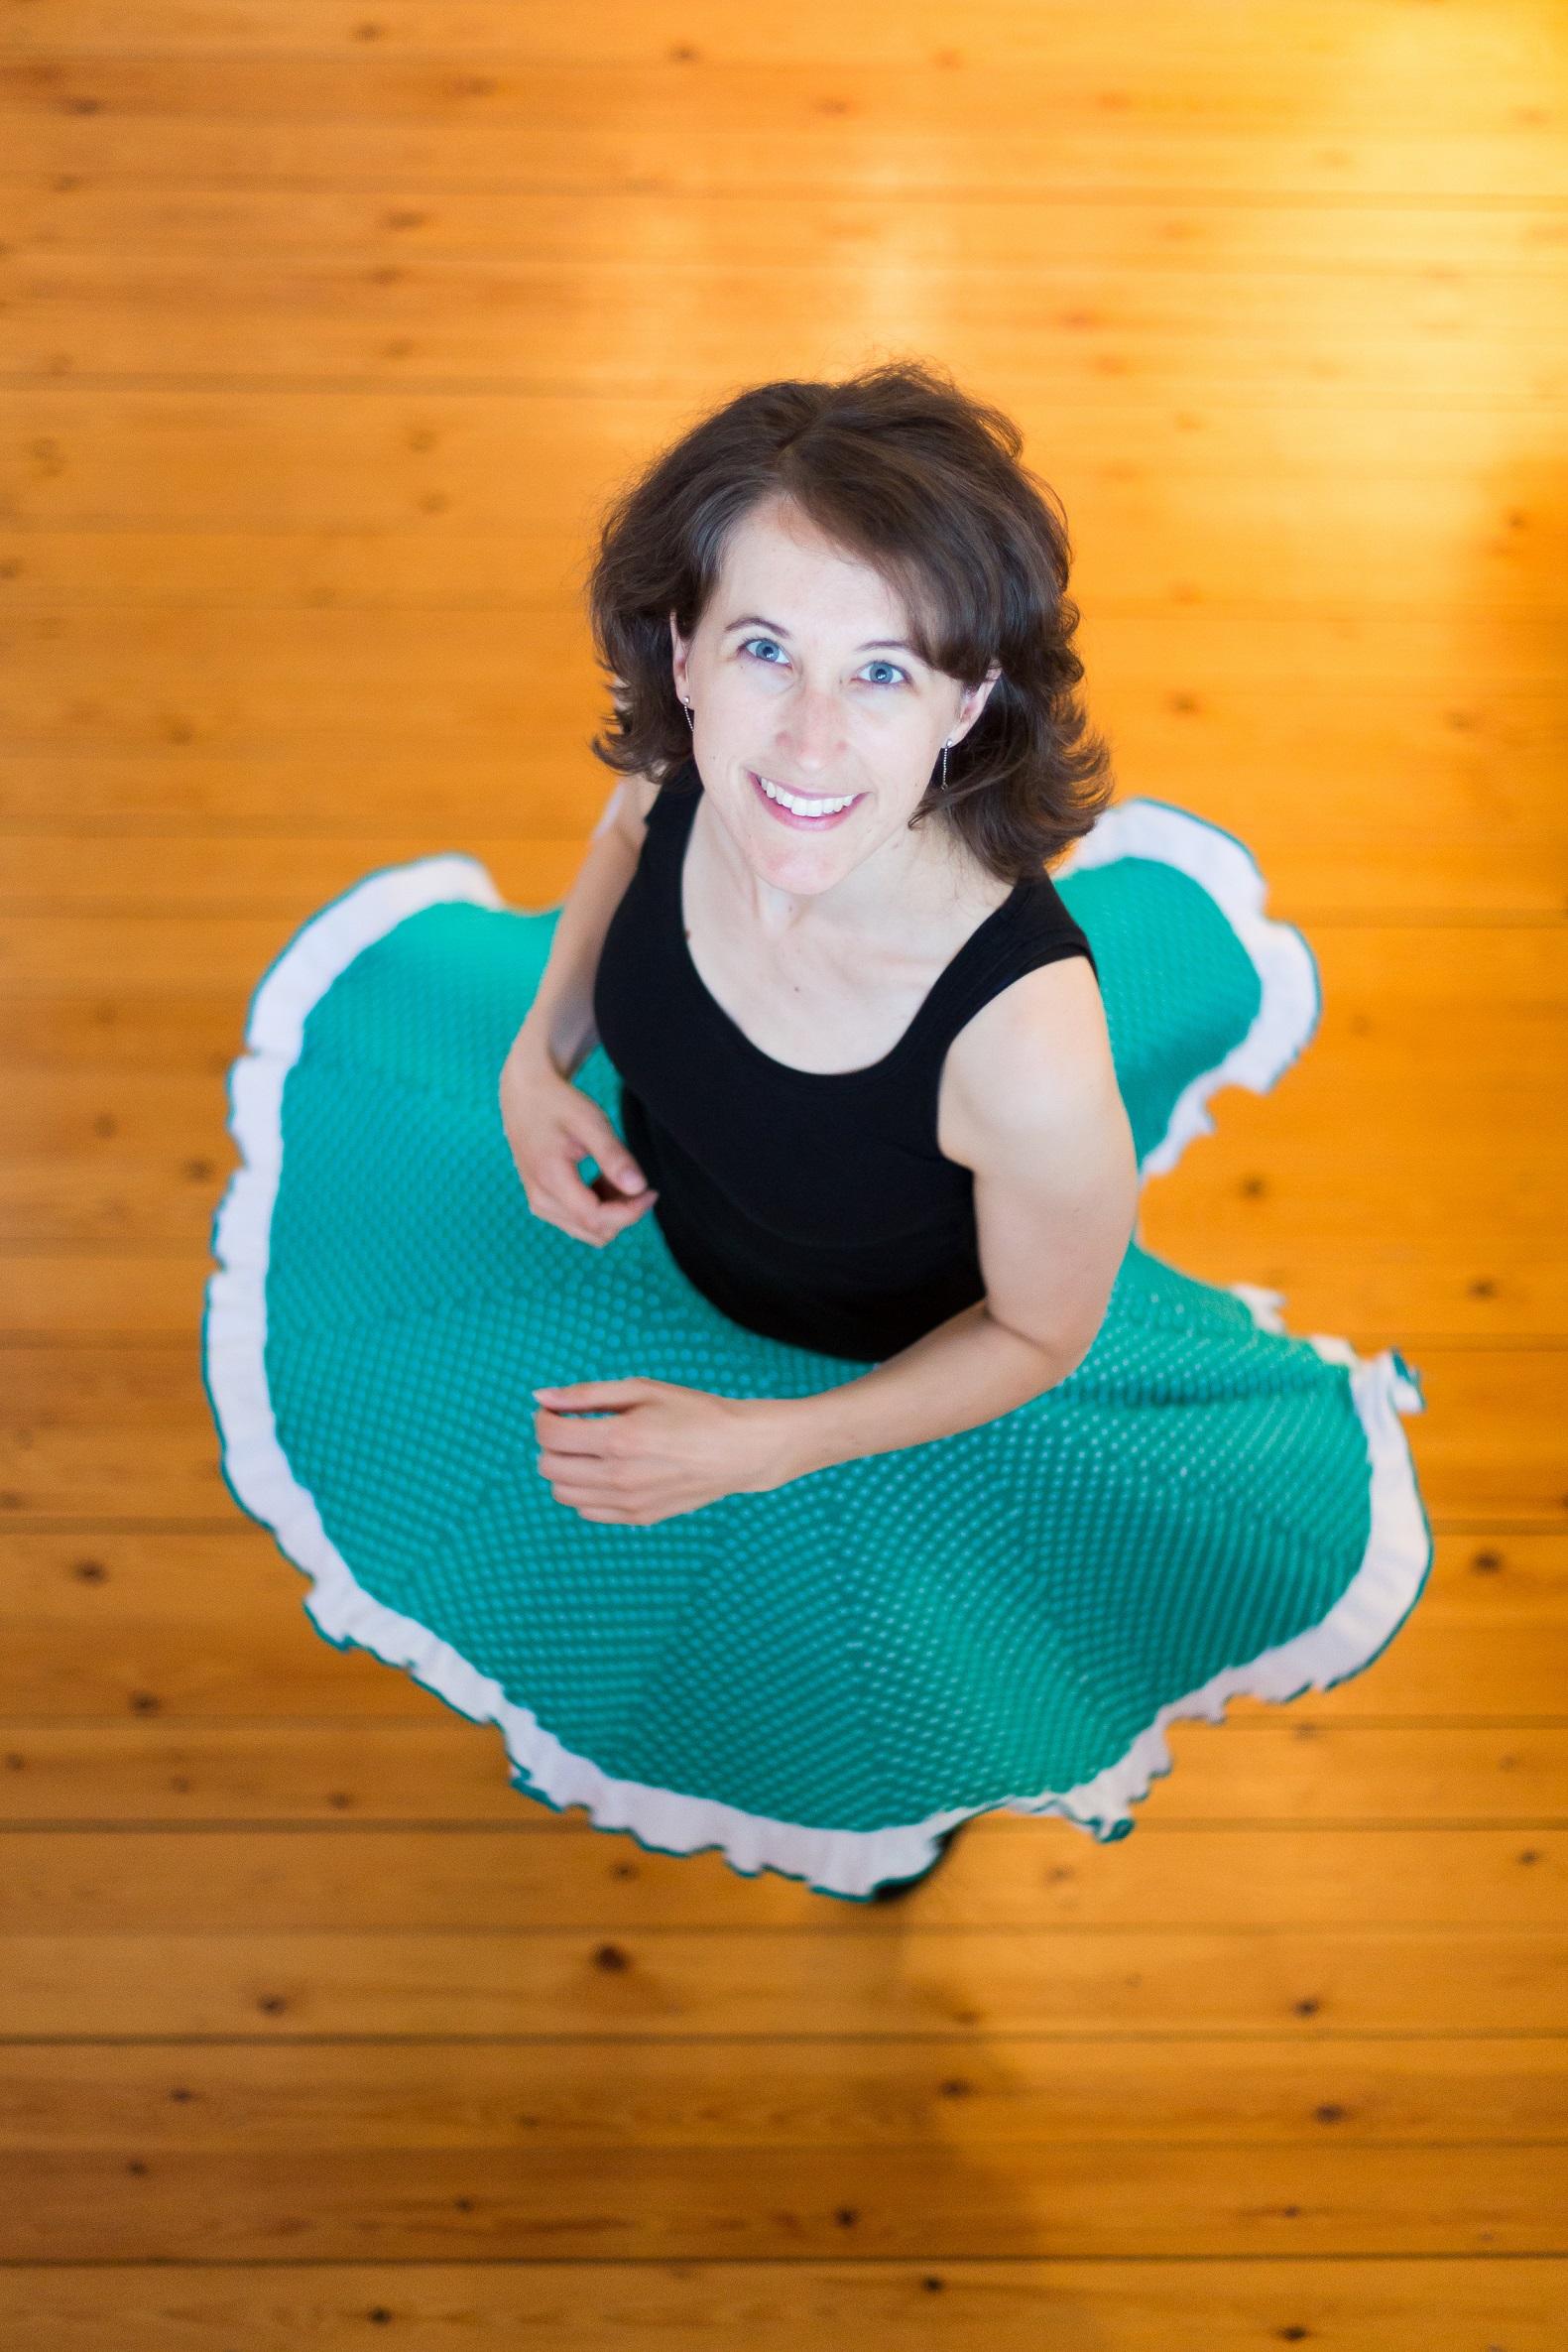 Sarah Collings